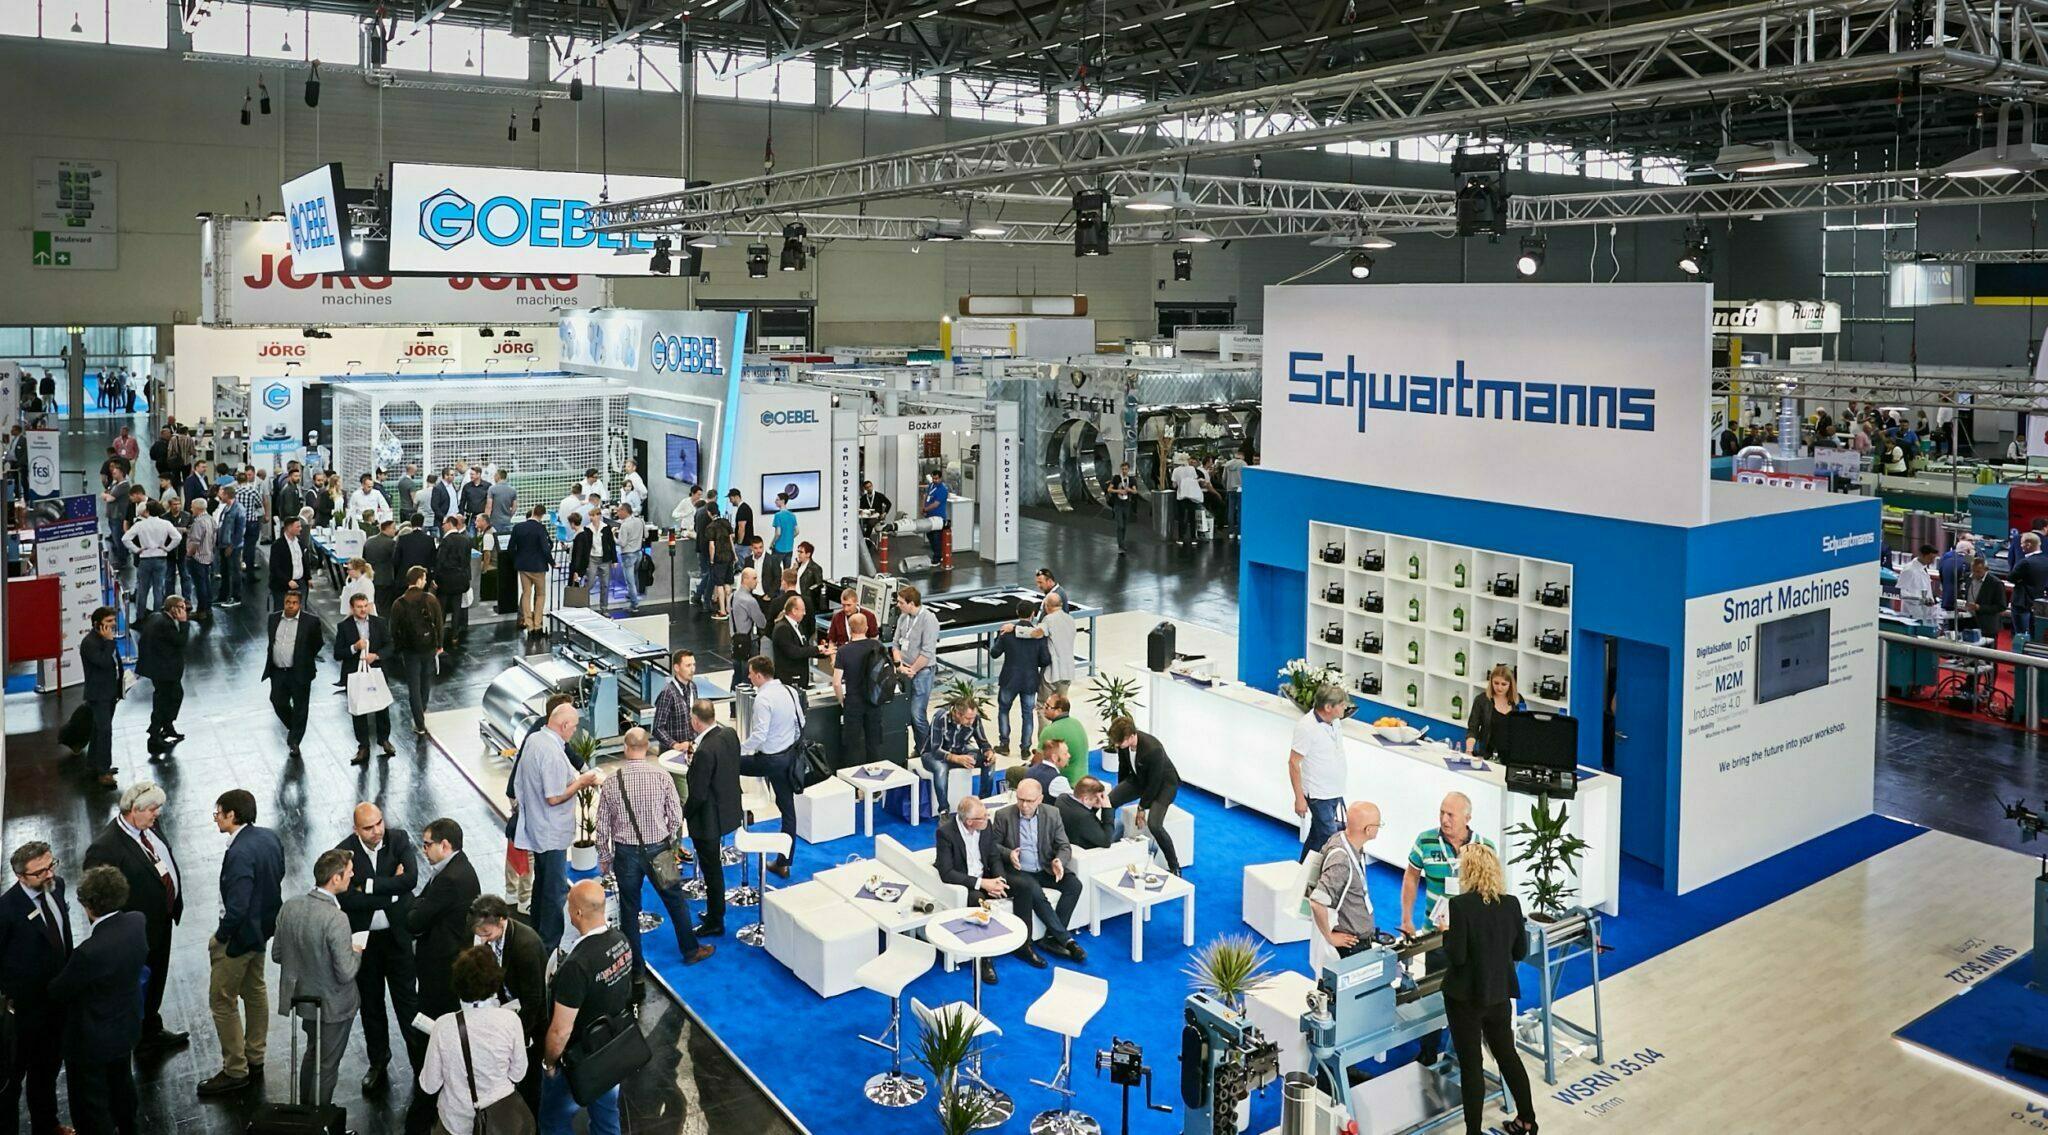 IEX Messe Schwartmanns Stand